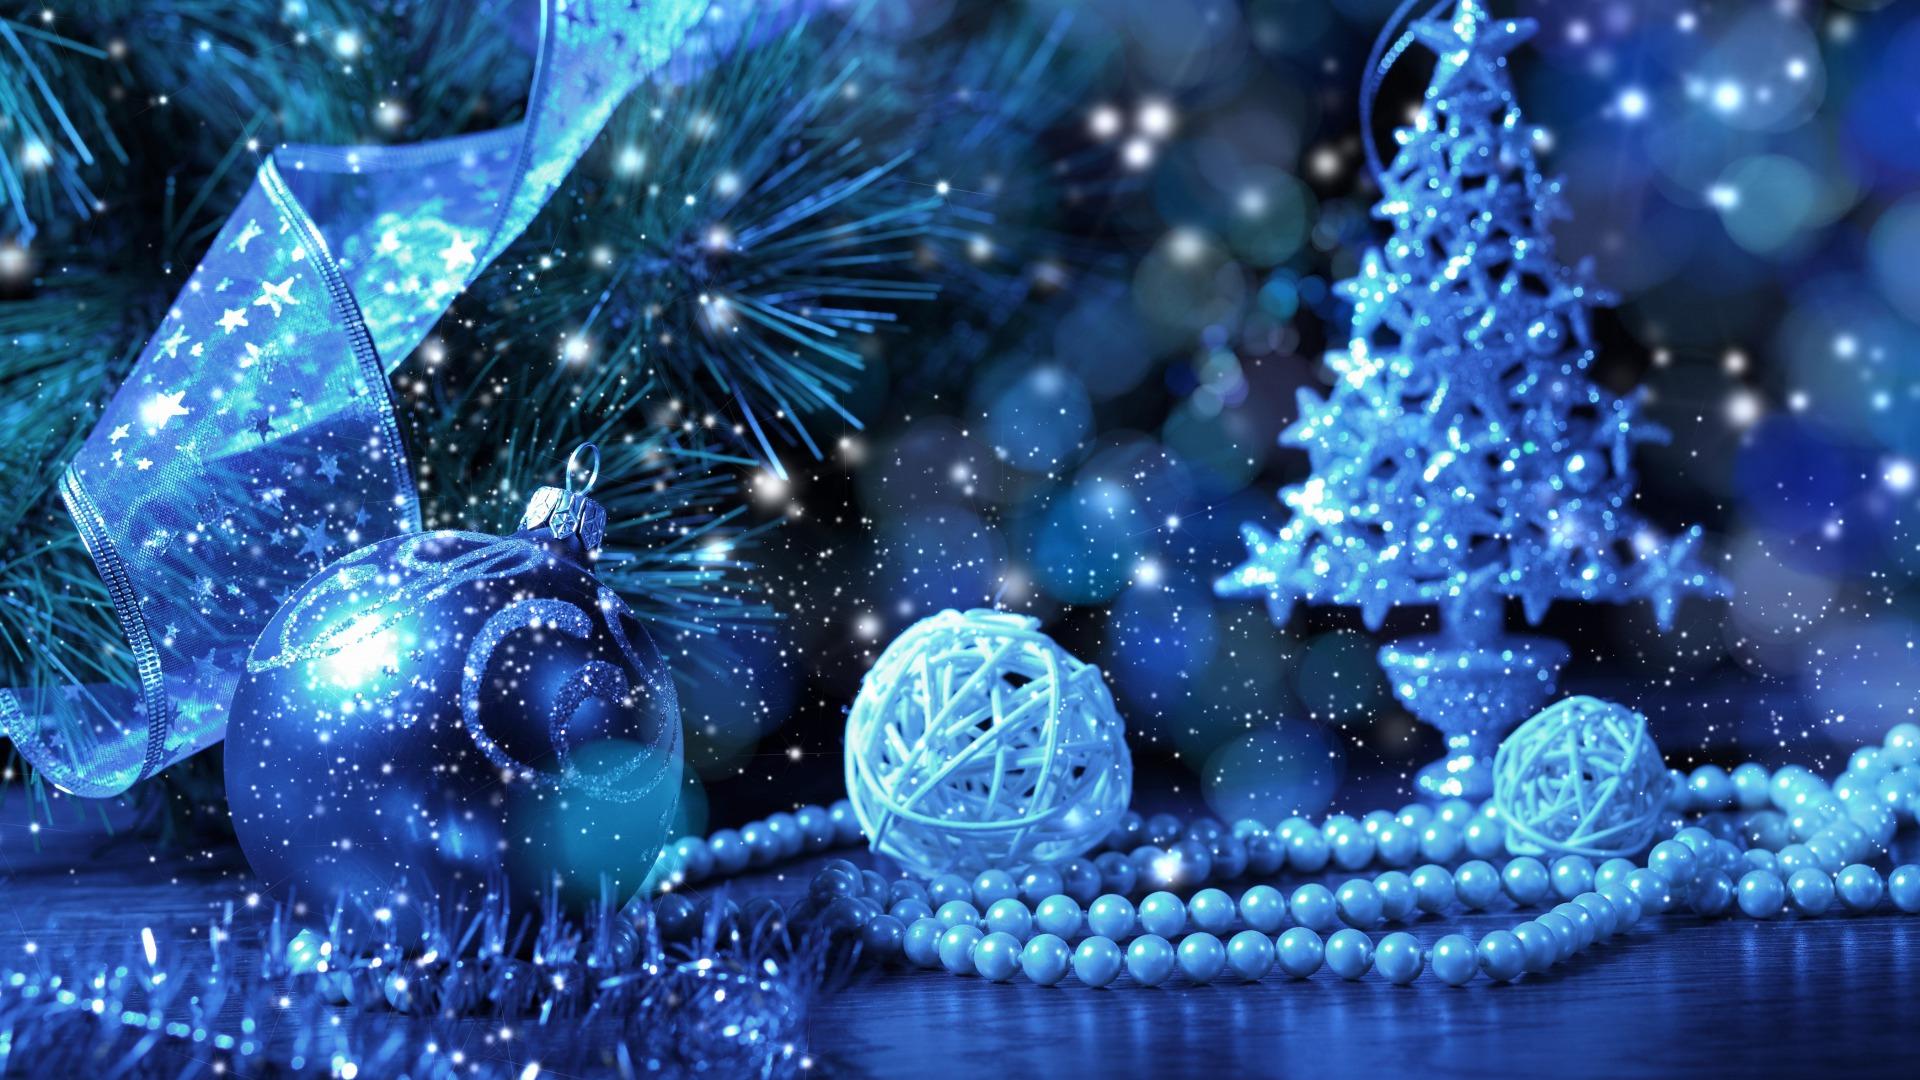 Bộ Sưu Tập Ảnh Giáng Sinh - Page 3 Bluechristmas15